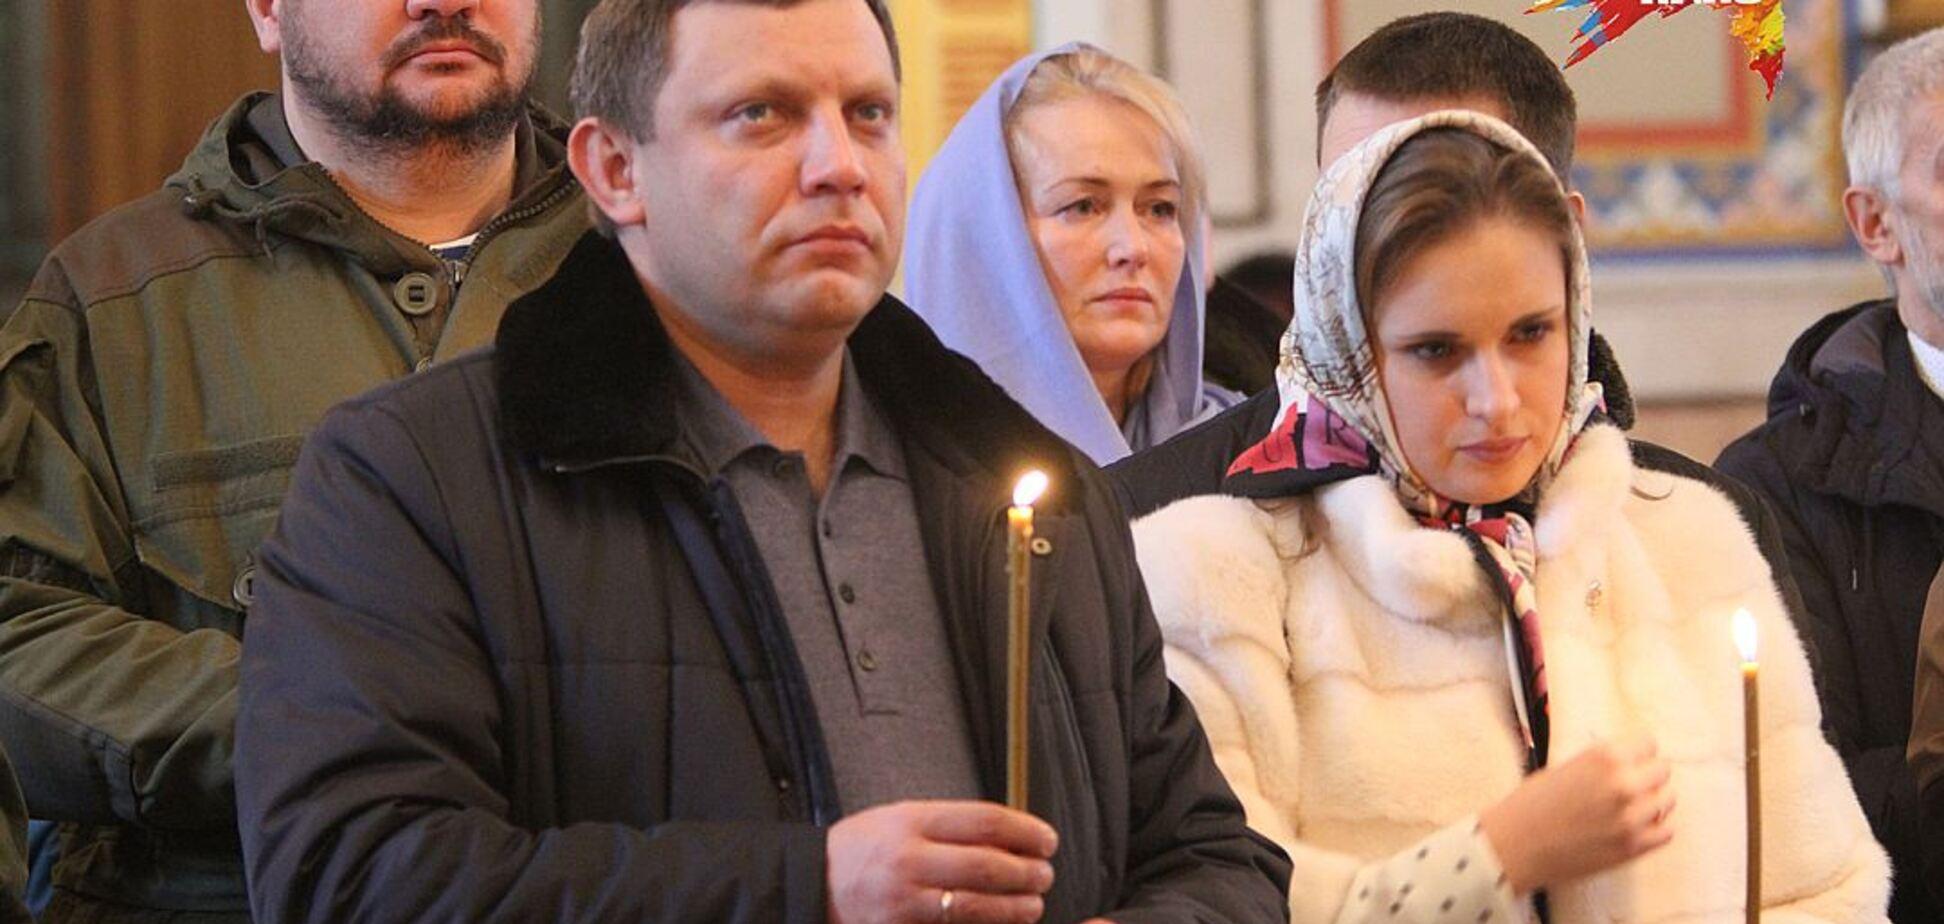 Не хуже ВСУ: жена Захарченко убила десятки 'ДНРовцев'